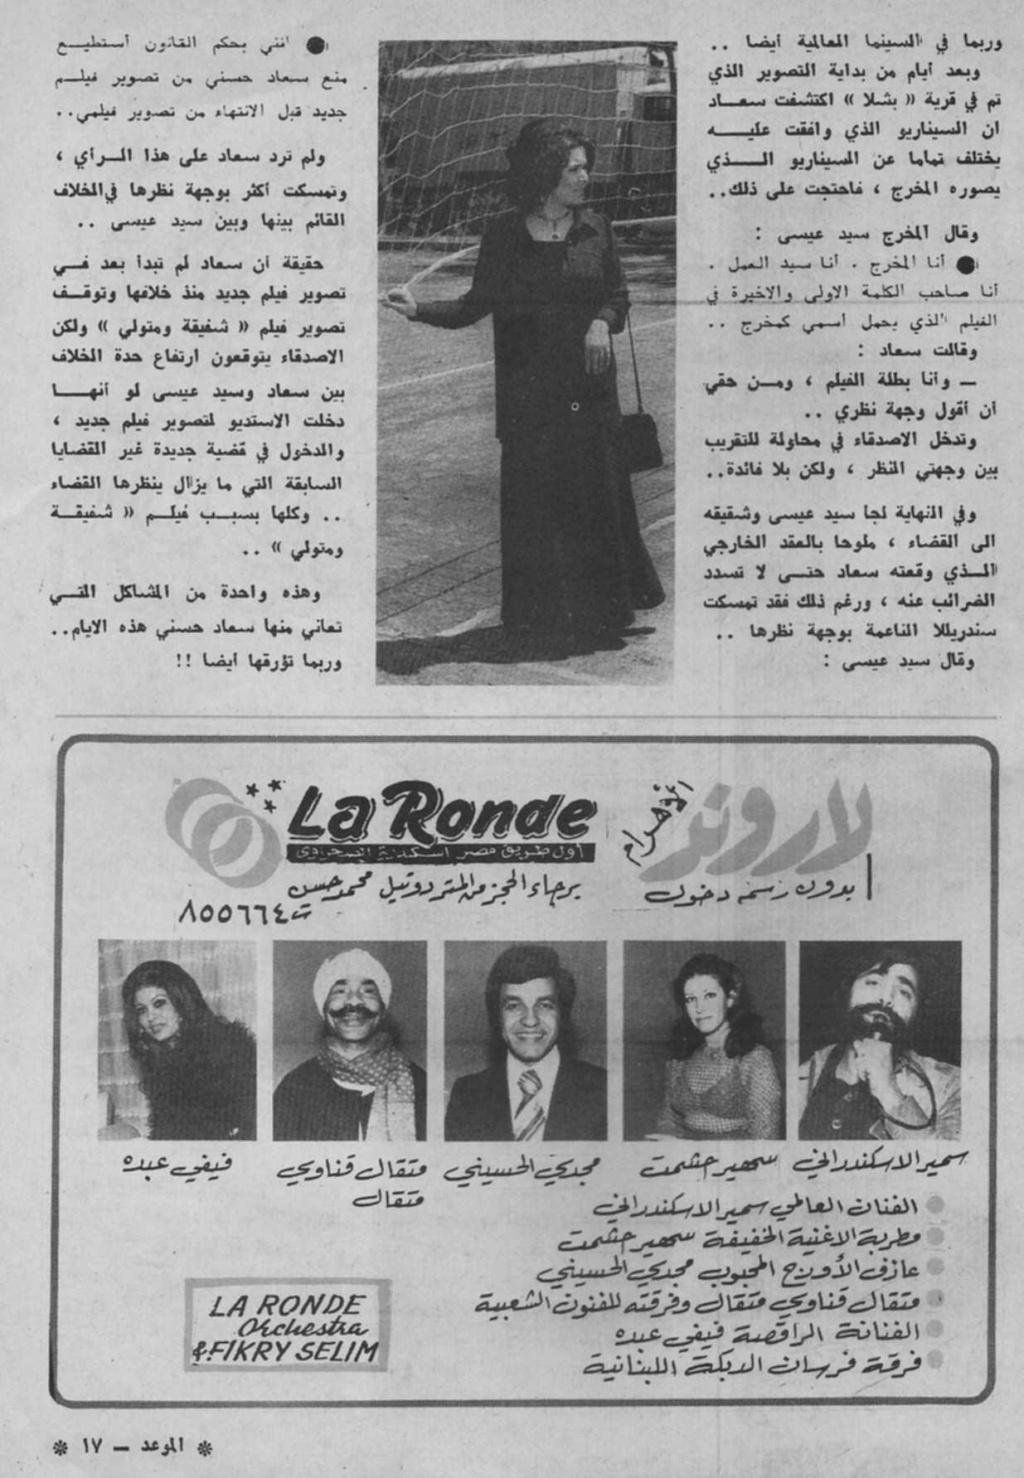 مقال صحفي : 3 مشاكل تؤرق سعاد حسني 1976 م 445